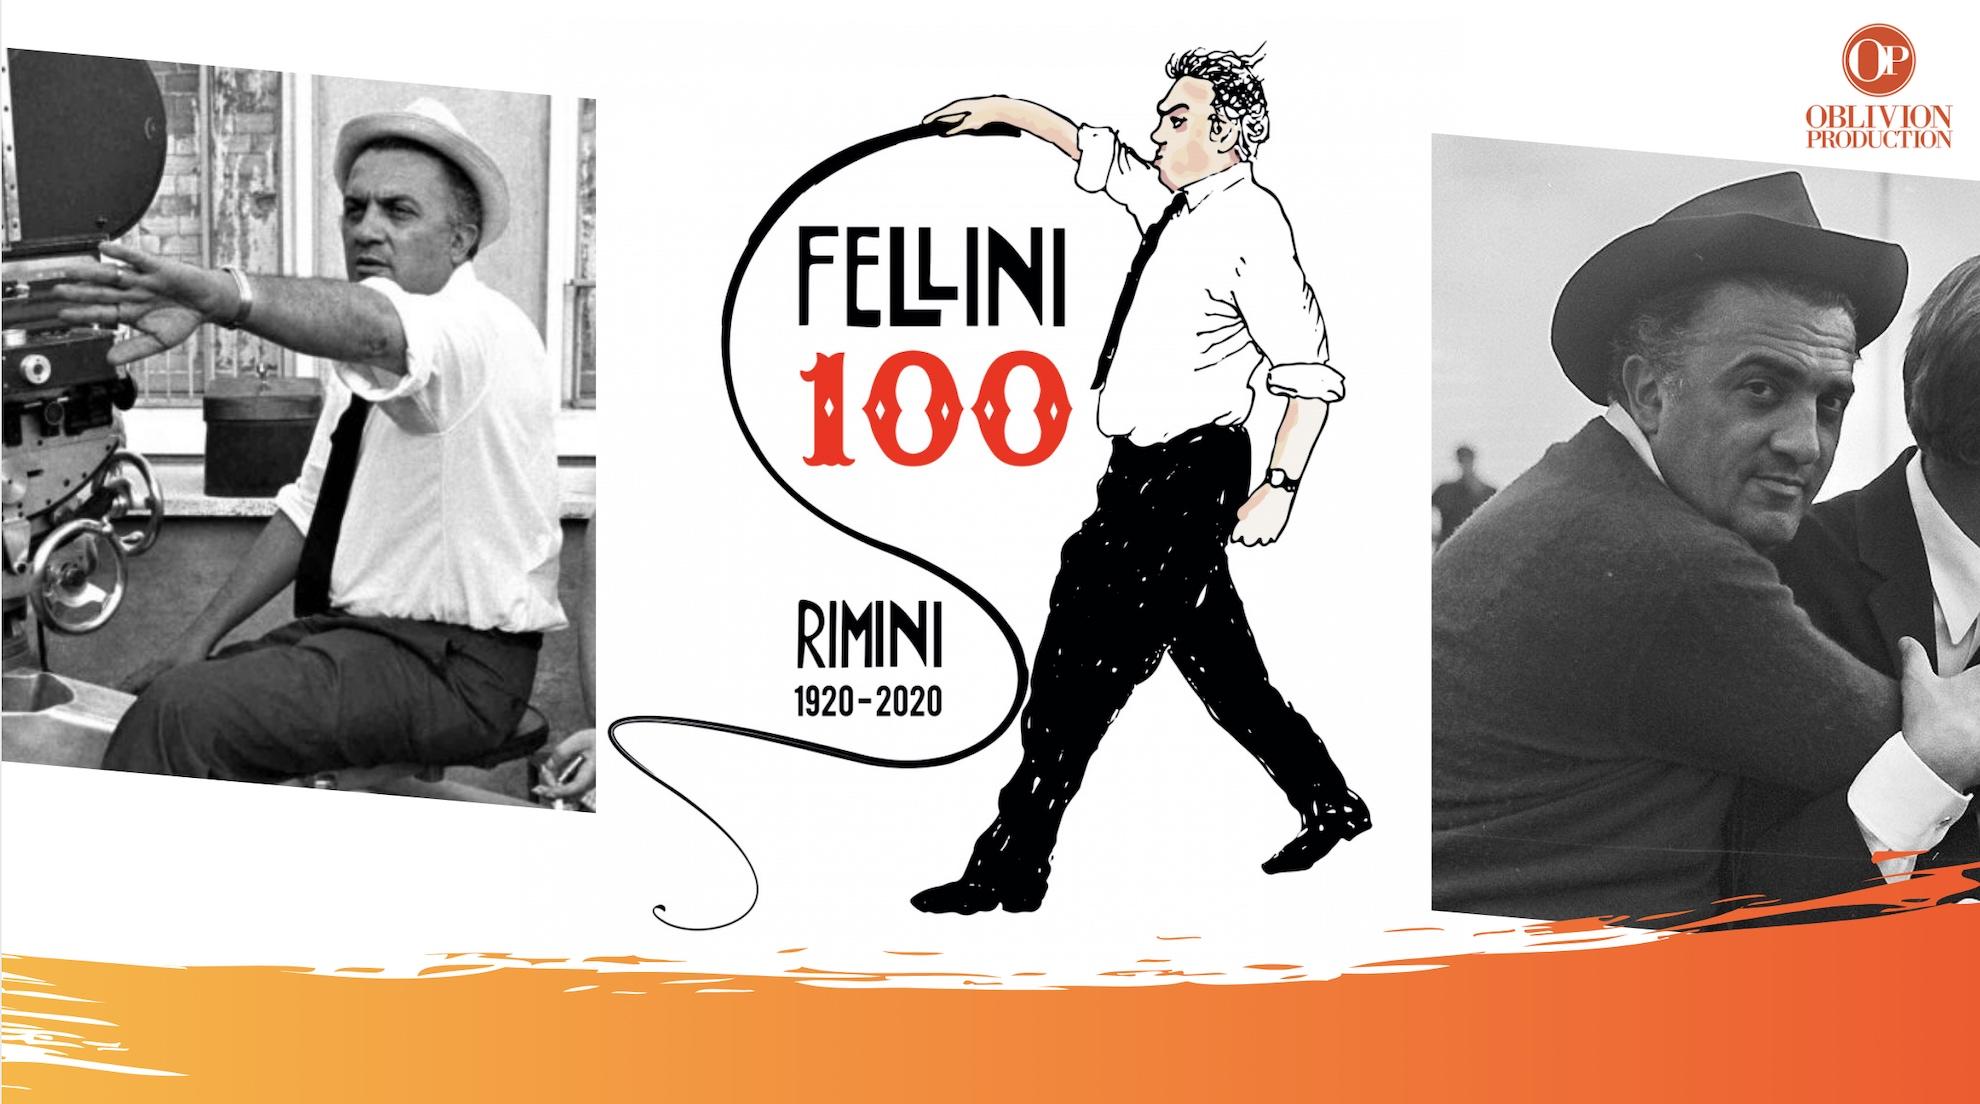 100 anni di Federico Fellini a Rimini